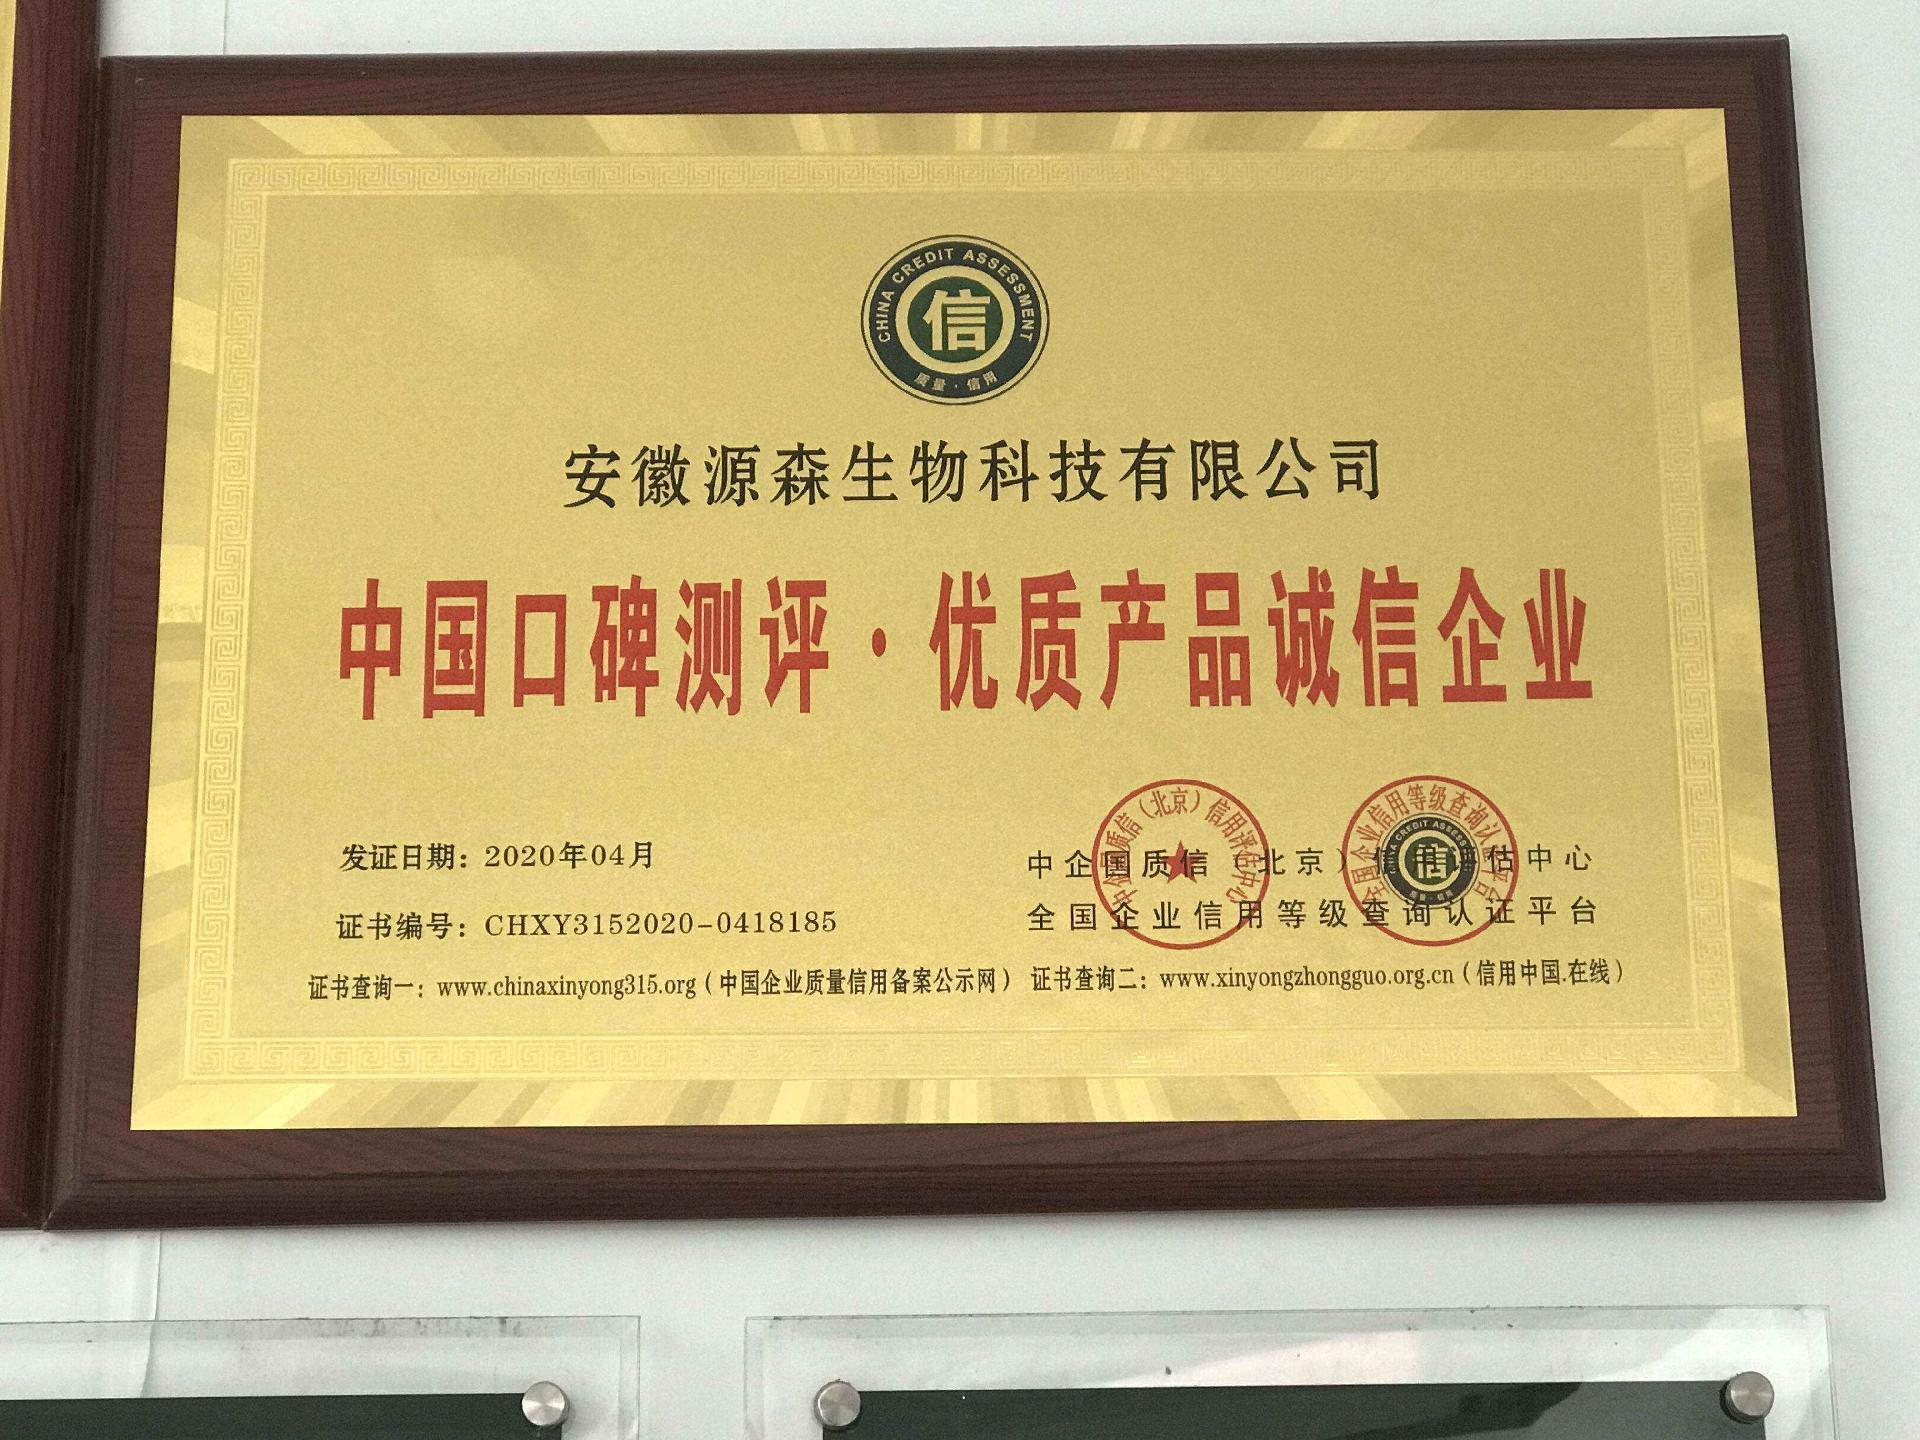 中国口碑测评优质产品诚信企业